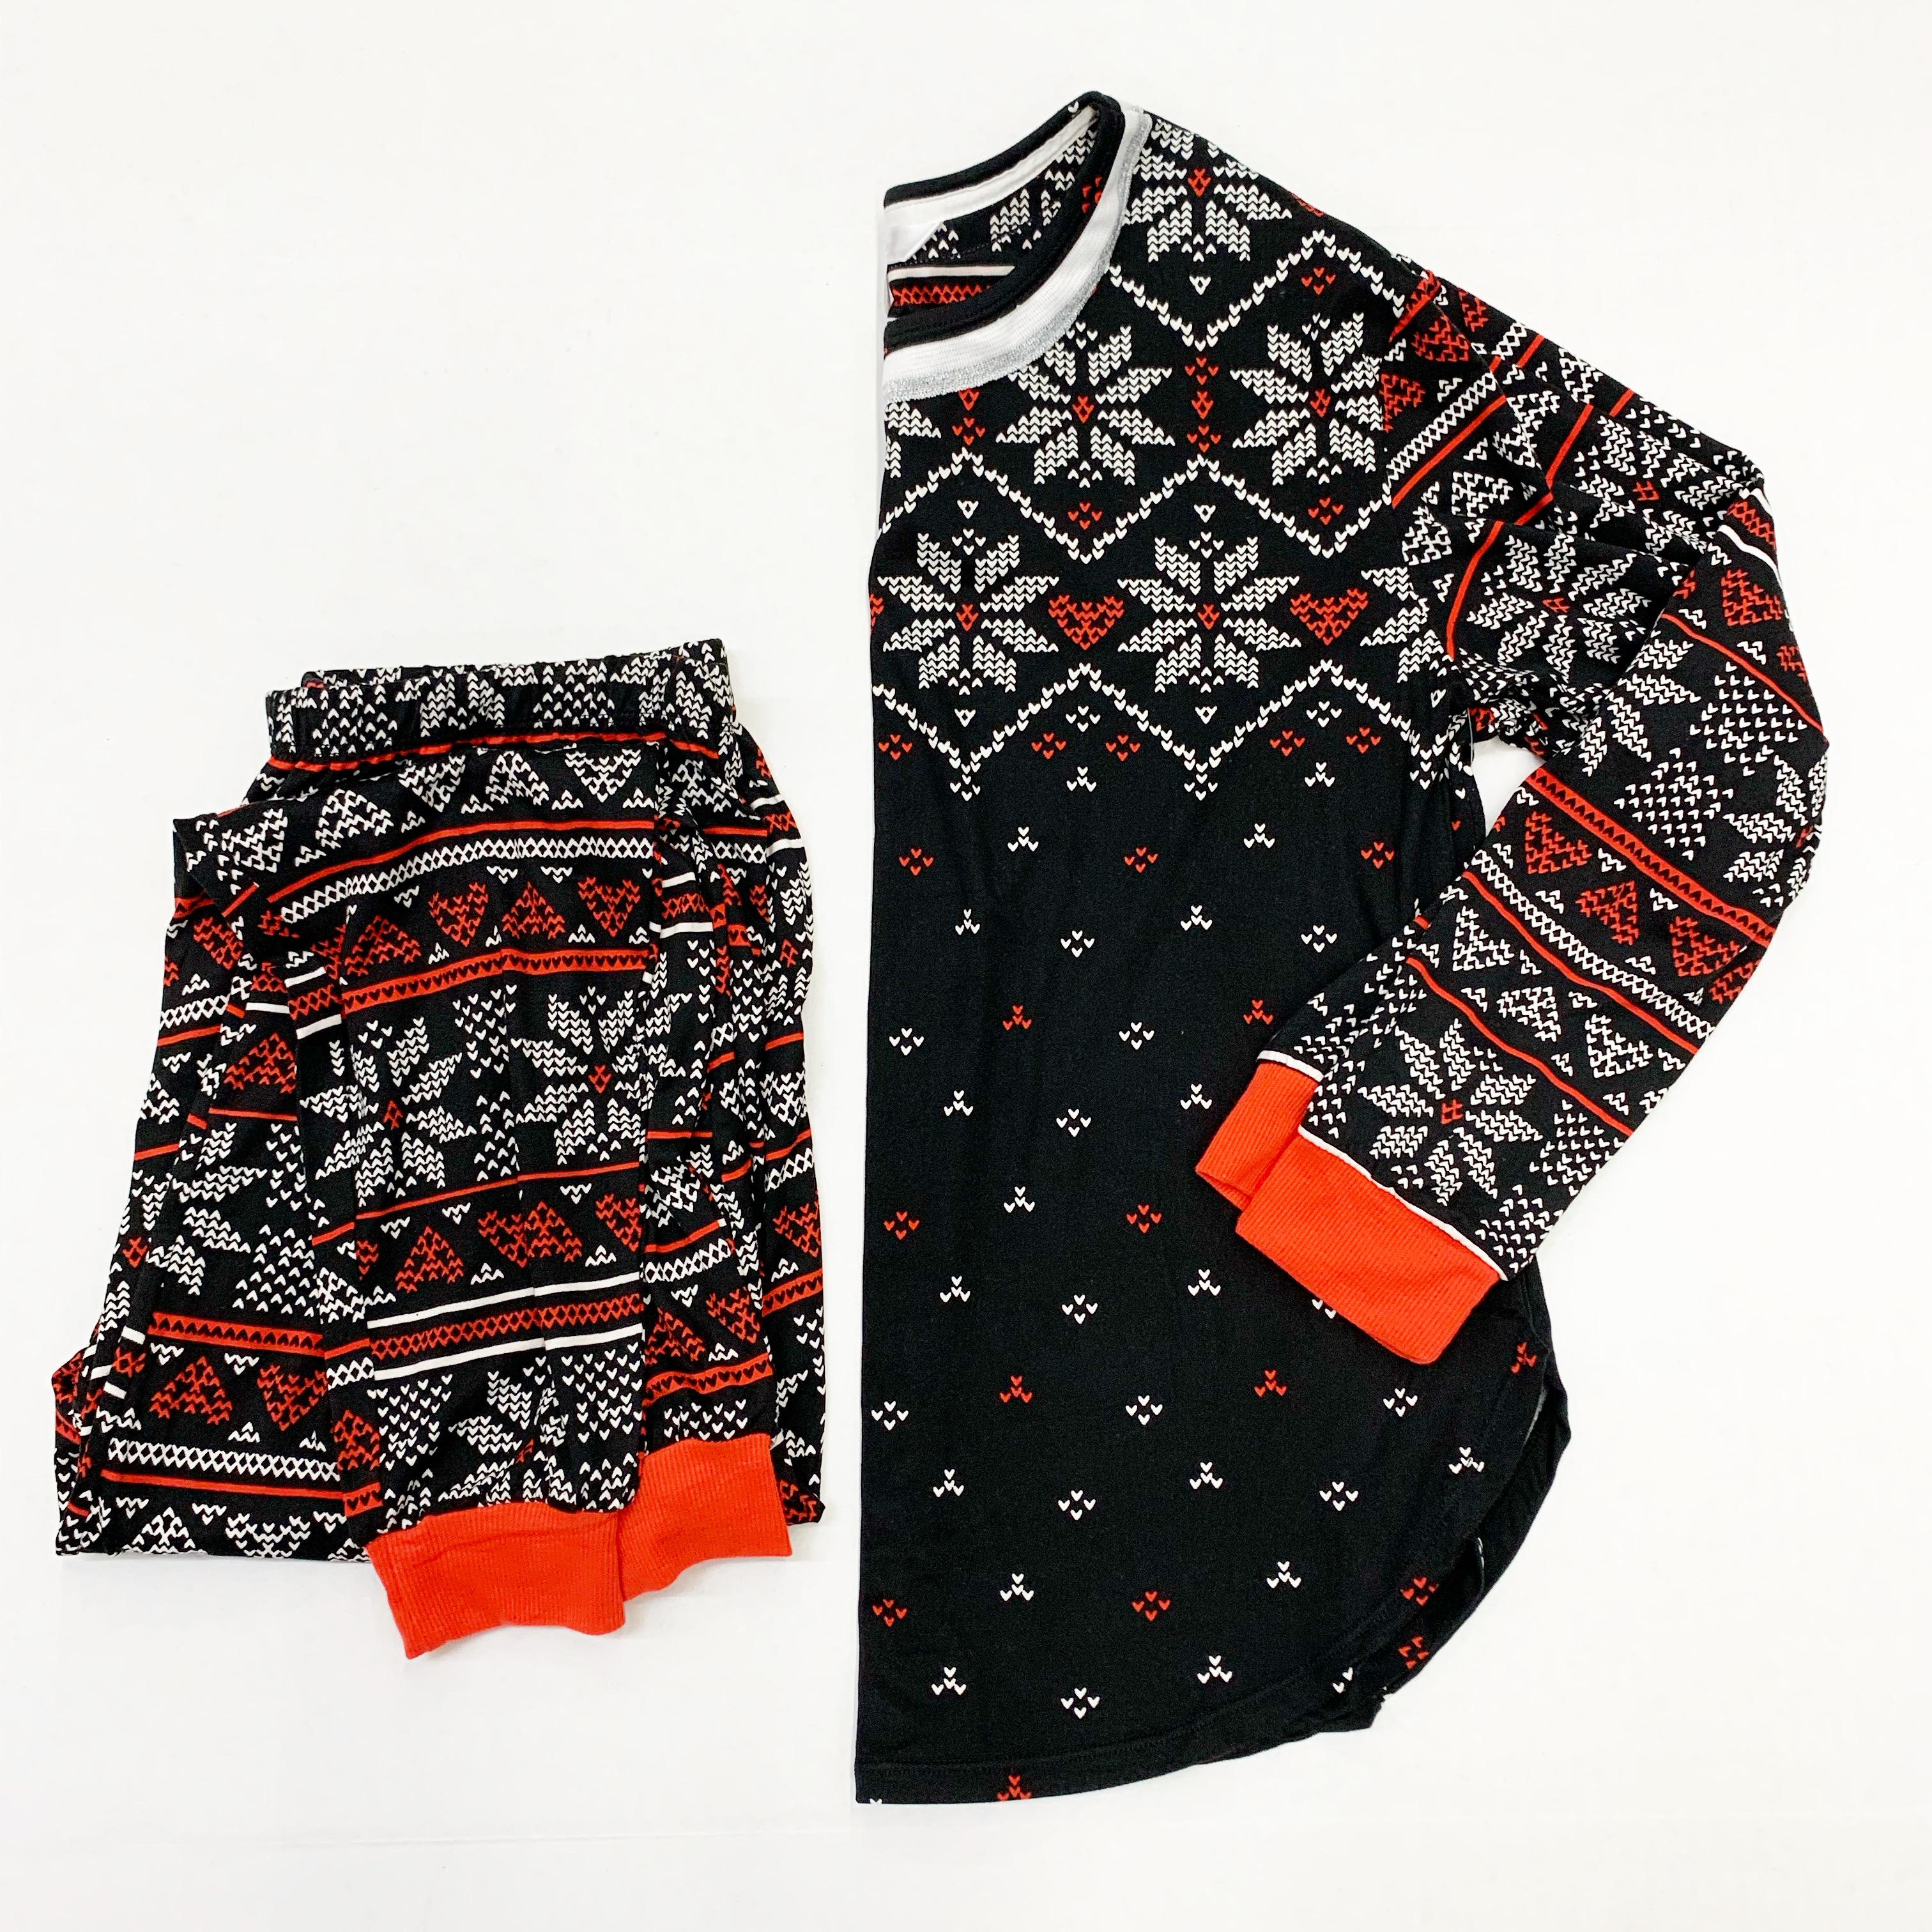 black and red women's fair isle pajamas